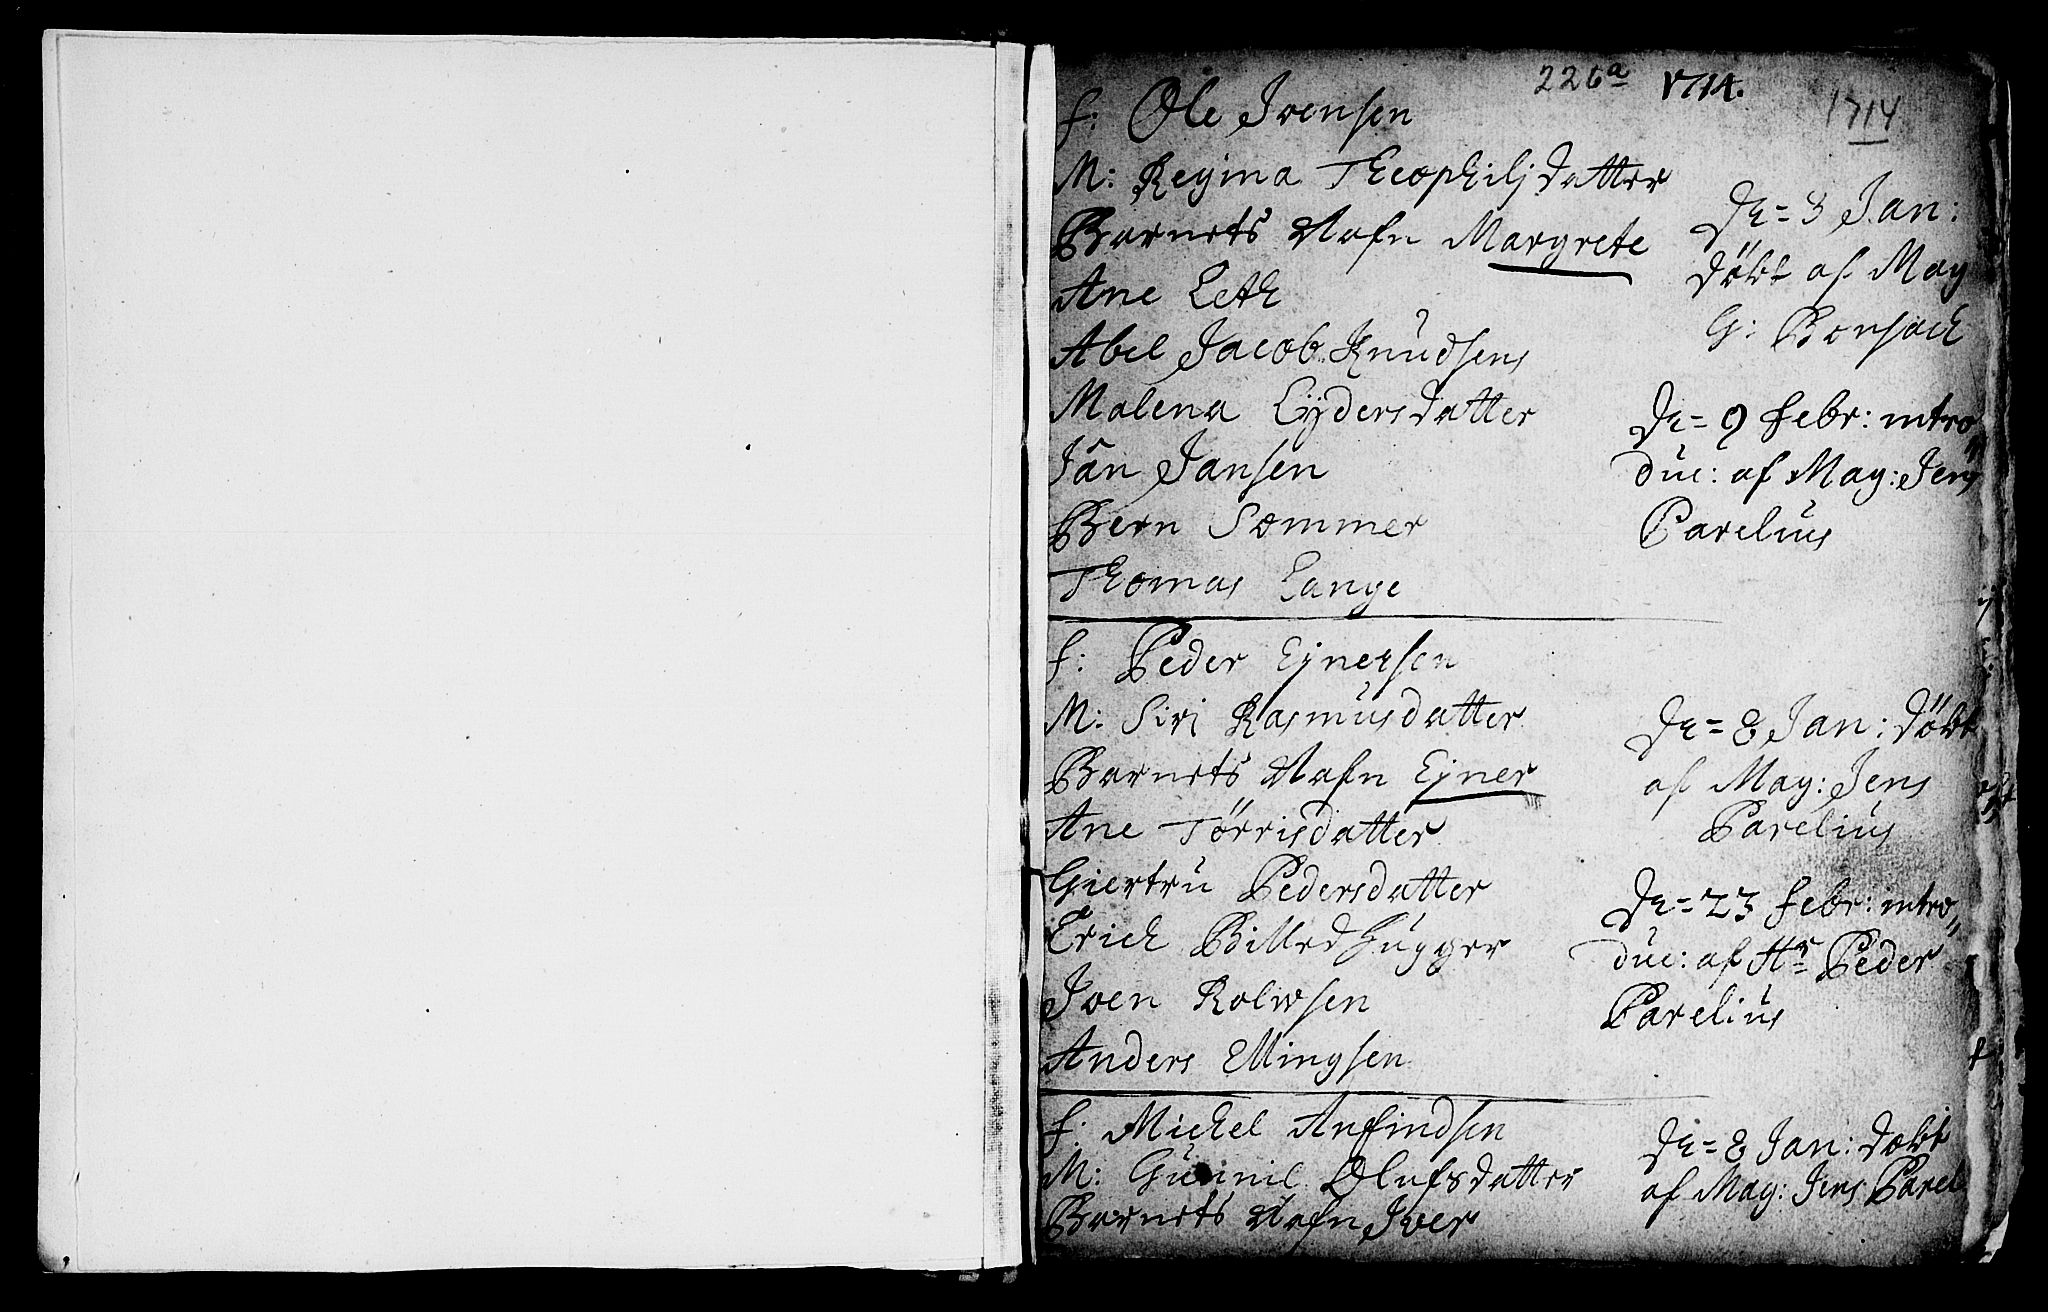 SAT, Ministerialprotokoller, klokkerbøker og fødselsregistre - Sør-Trøndelag, 601/L0035: Parish register (official) no. 601A03, 1713-1728, p. 226c